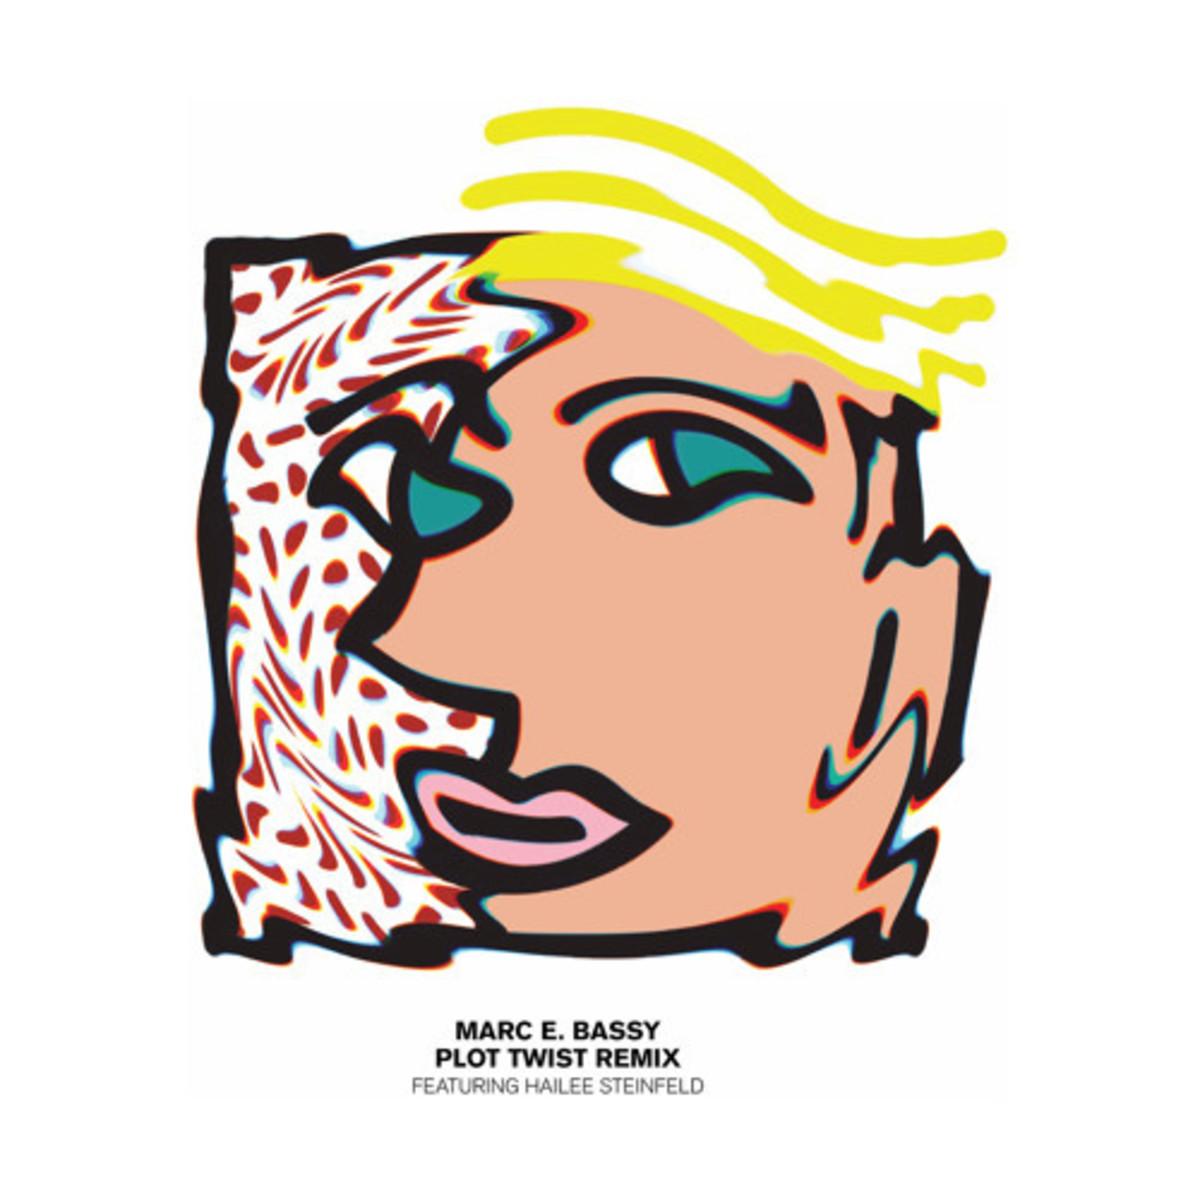 marc-e-bassy-plot-twist-remix.jpg